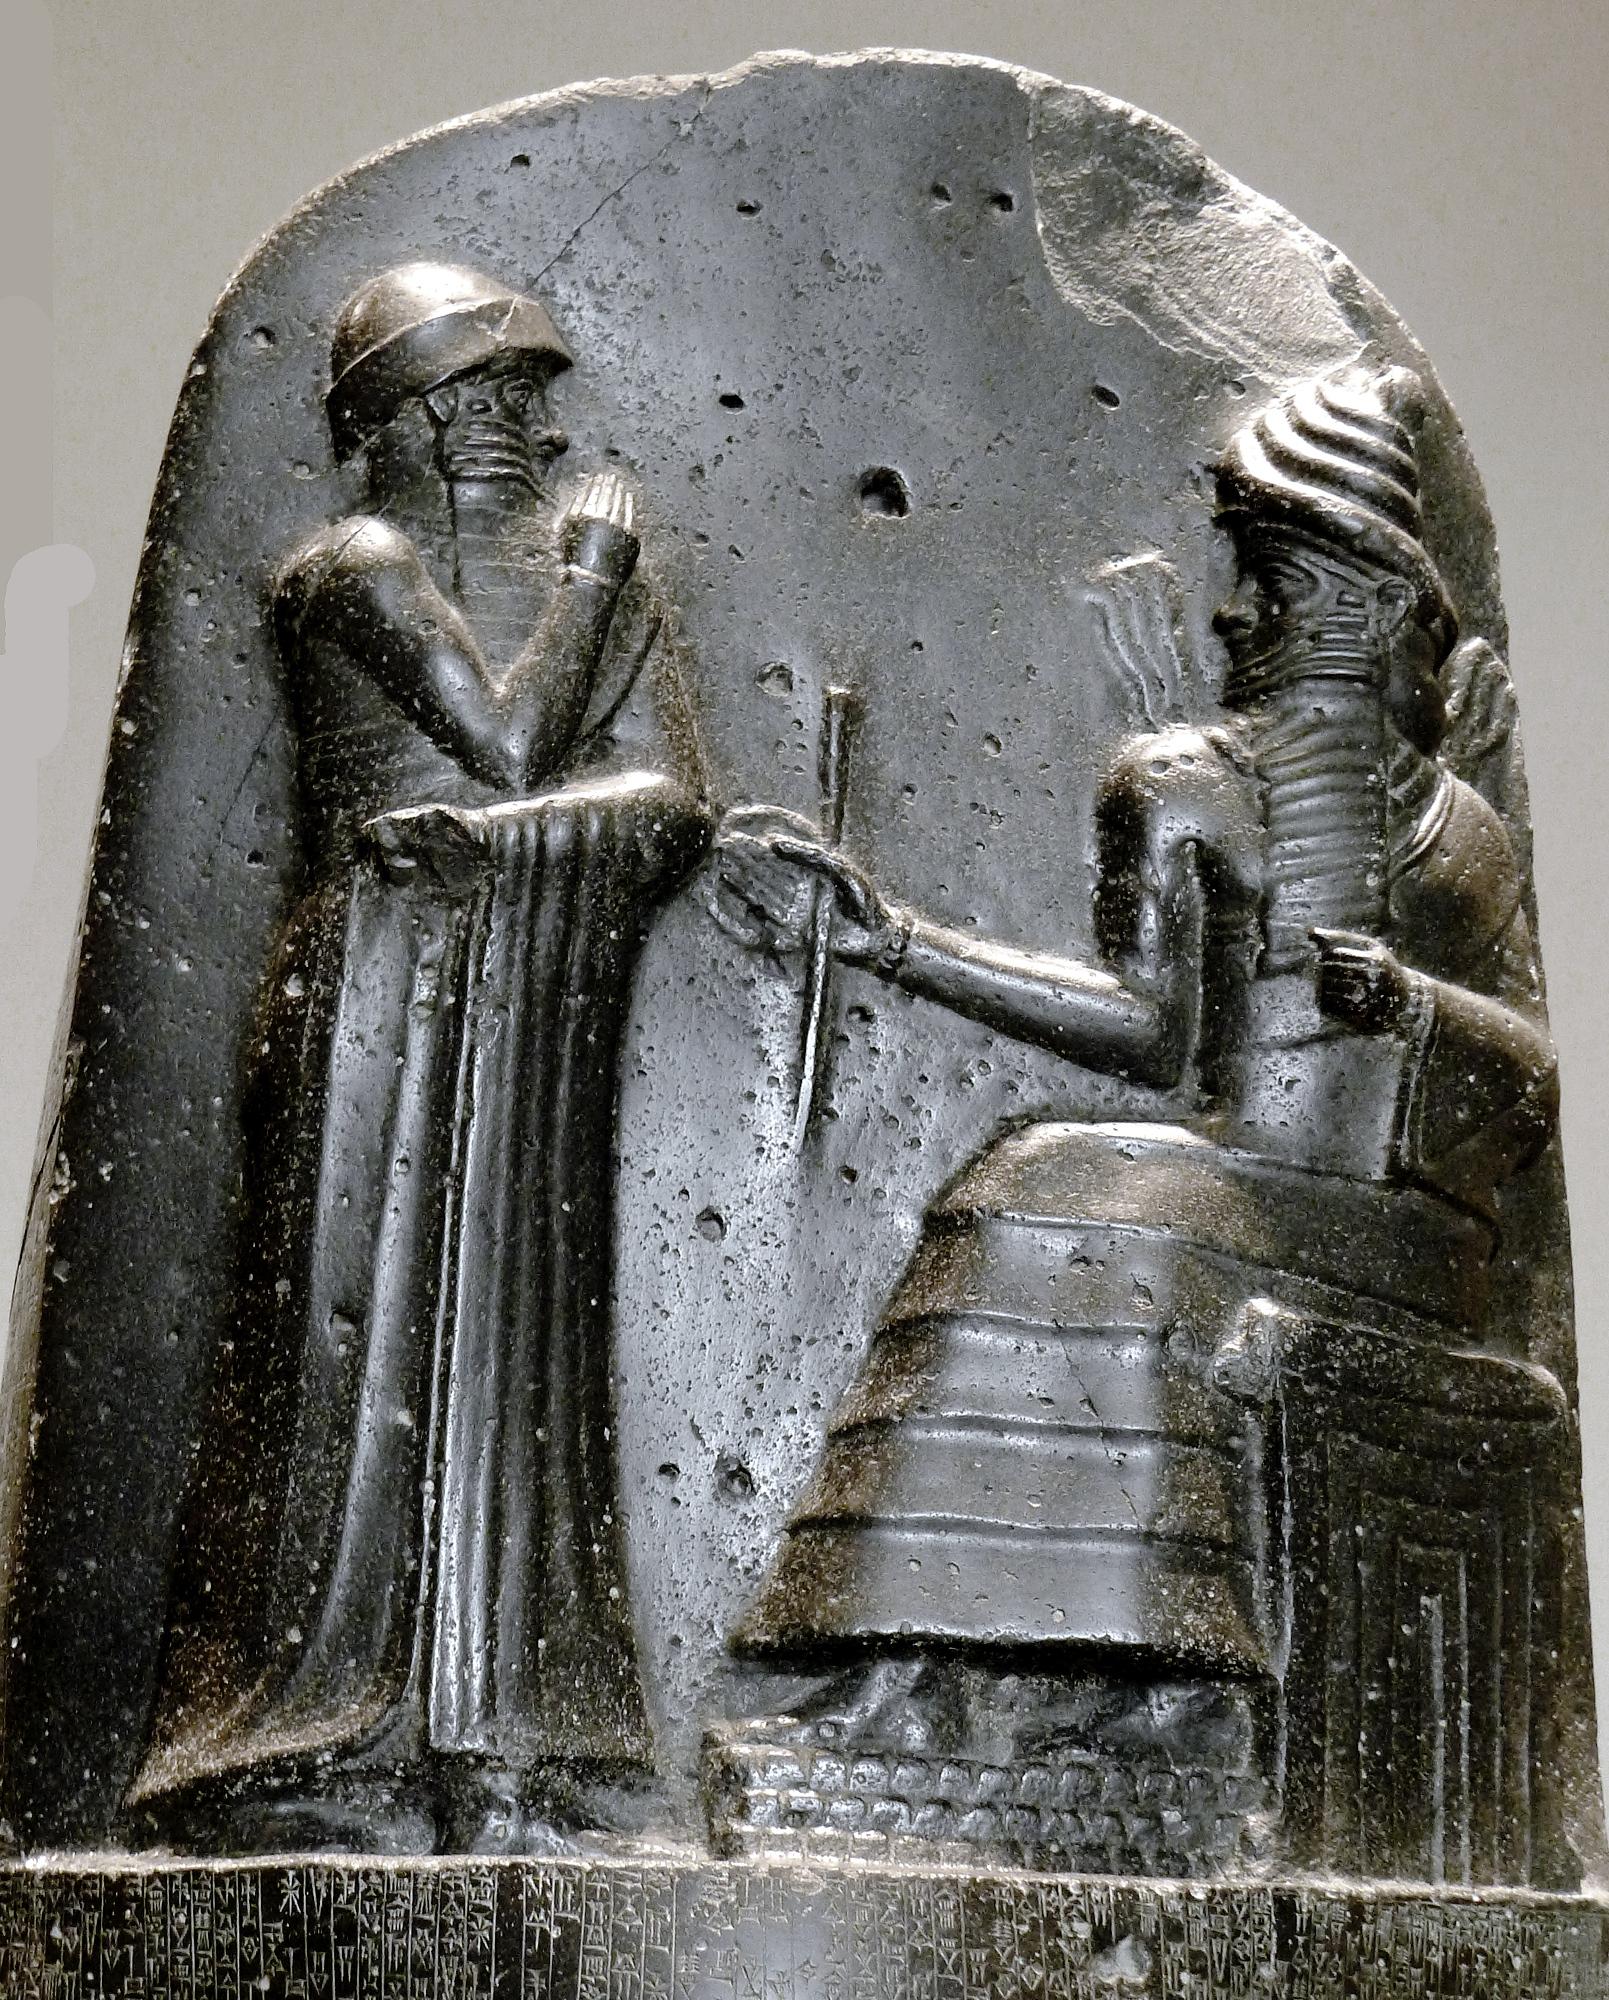 P1050771_Louvre_code_Hammurabi_bas_relief_rwk